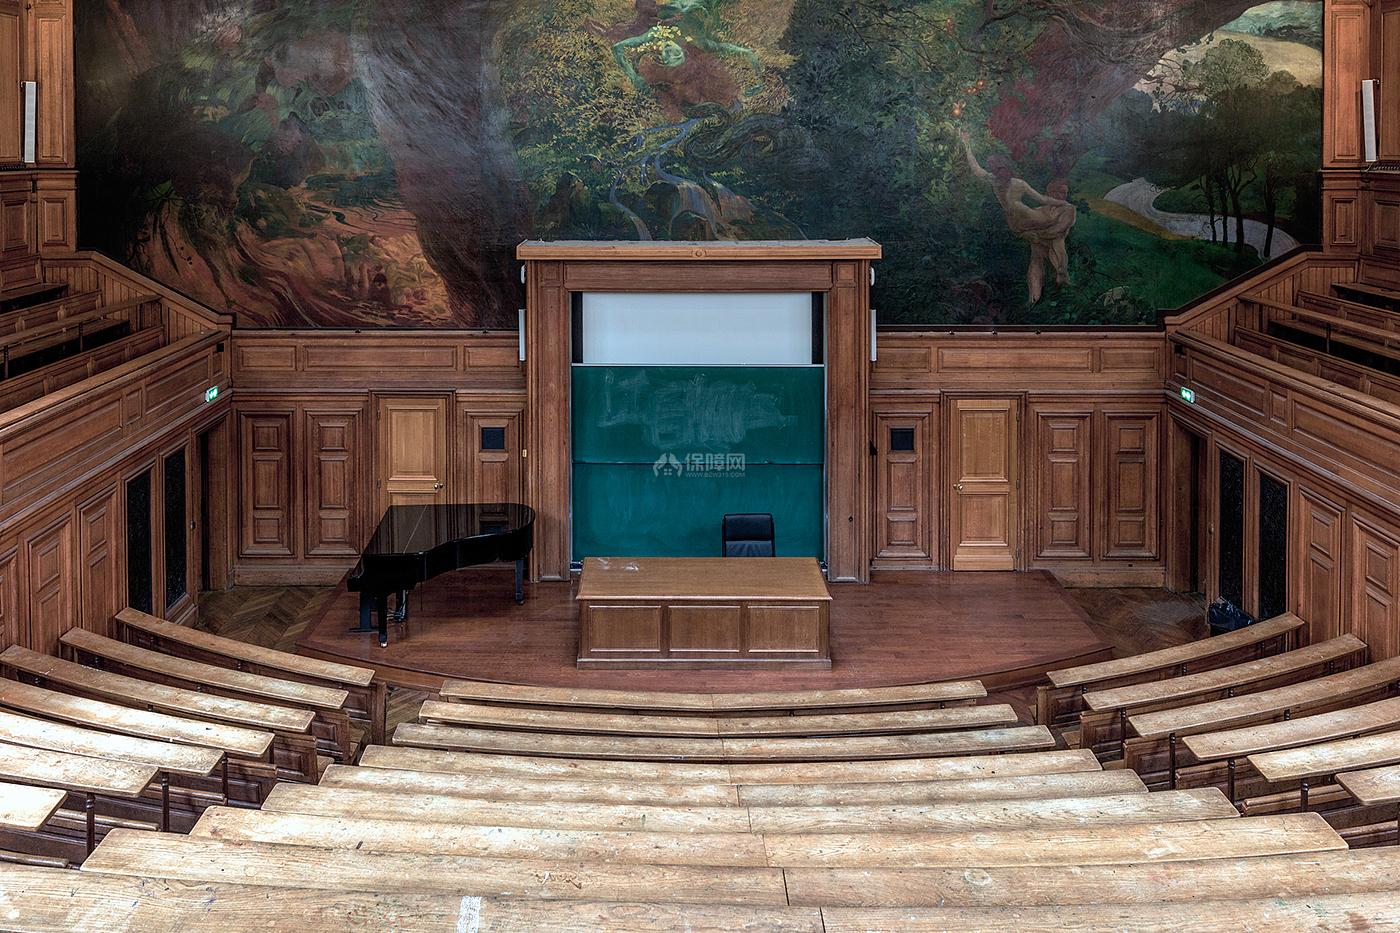 阶梯教室文化场馆之演奏台设计效果图